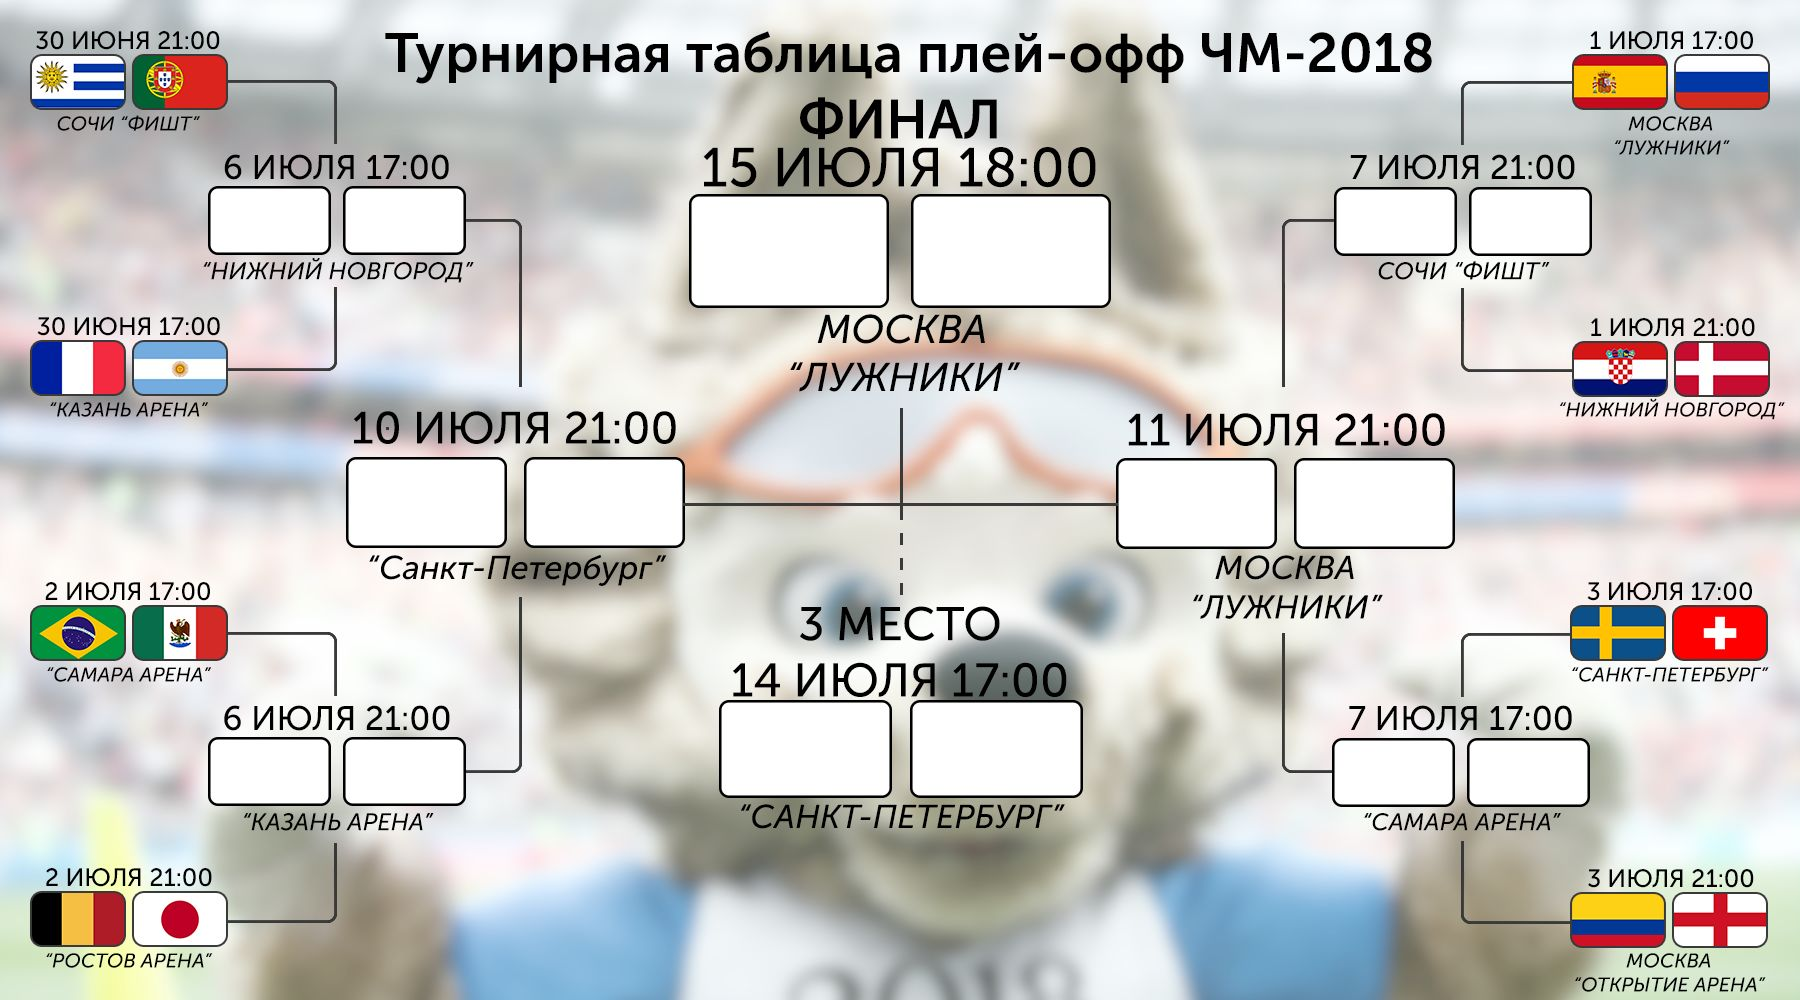 Турнирная таблица плей-офф чемпионата мира по футболу 2018 года ©Изображение Юга.ру